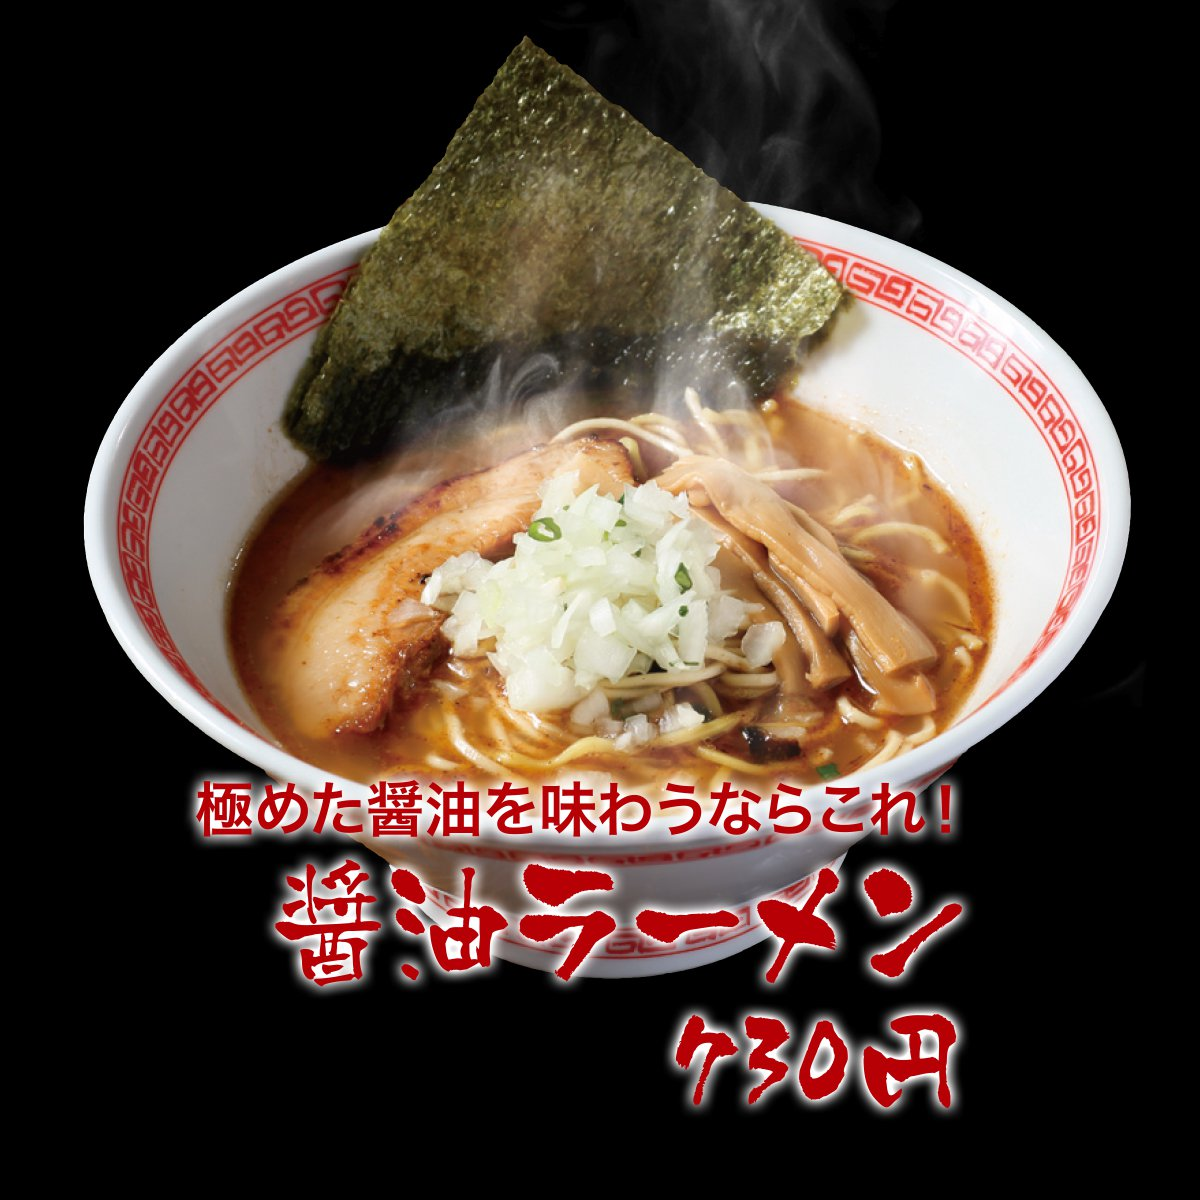 品川 中延 フュージョ ラーメン 醤太郎